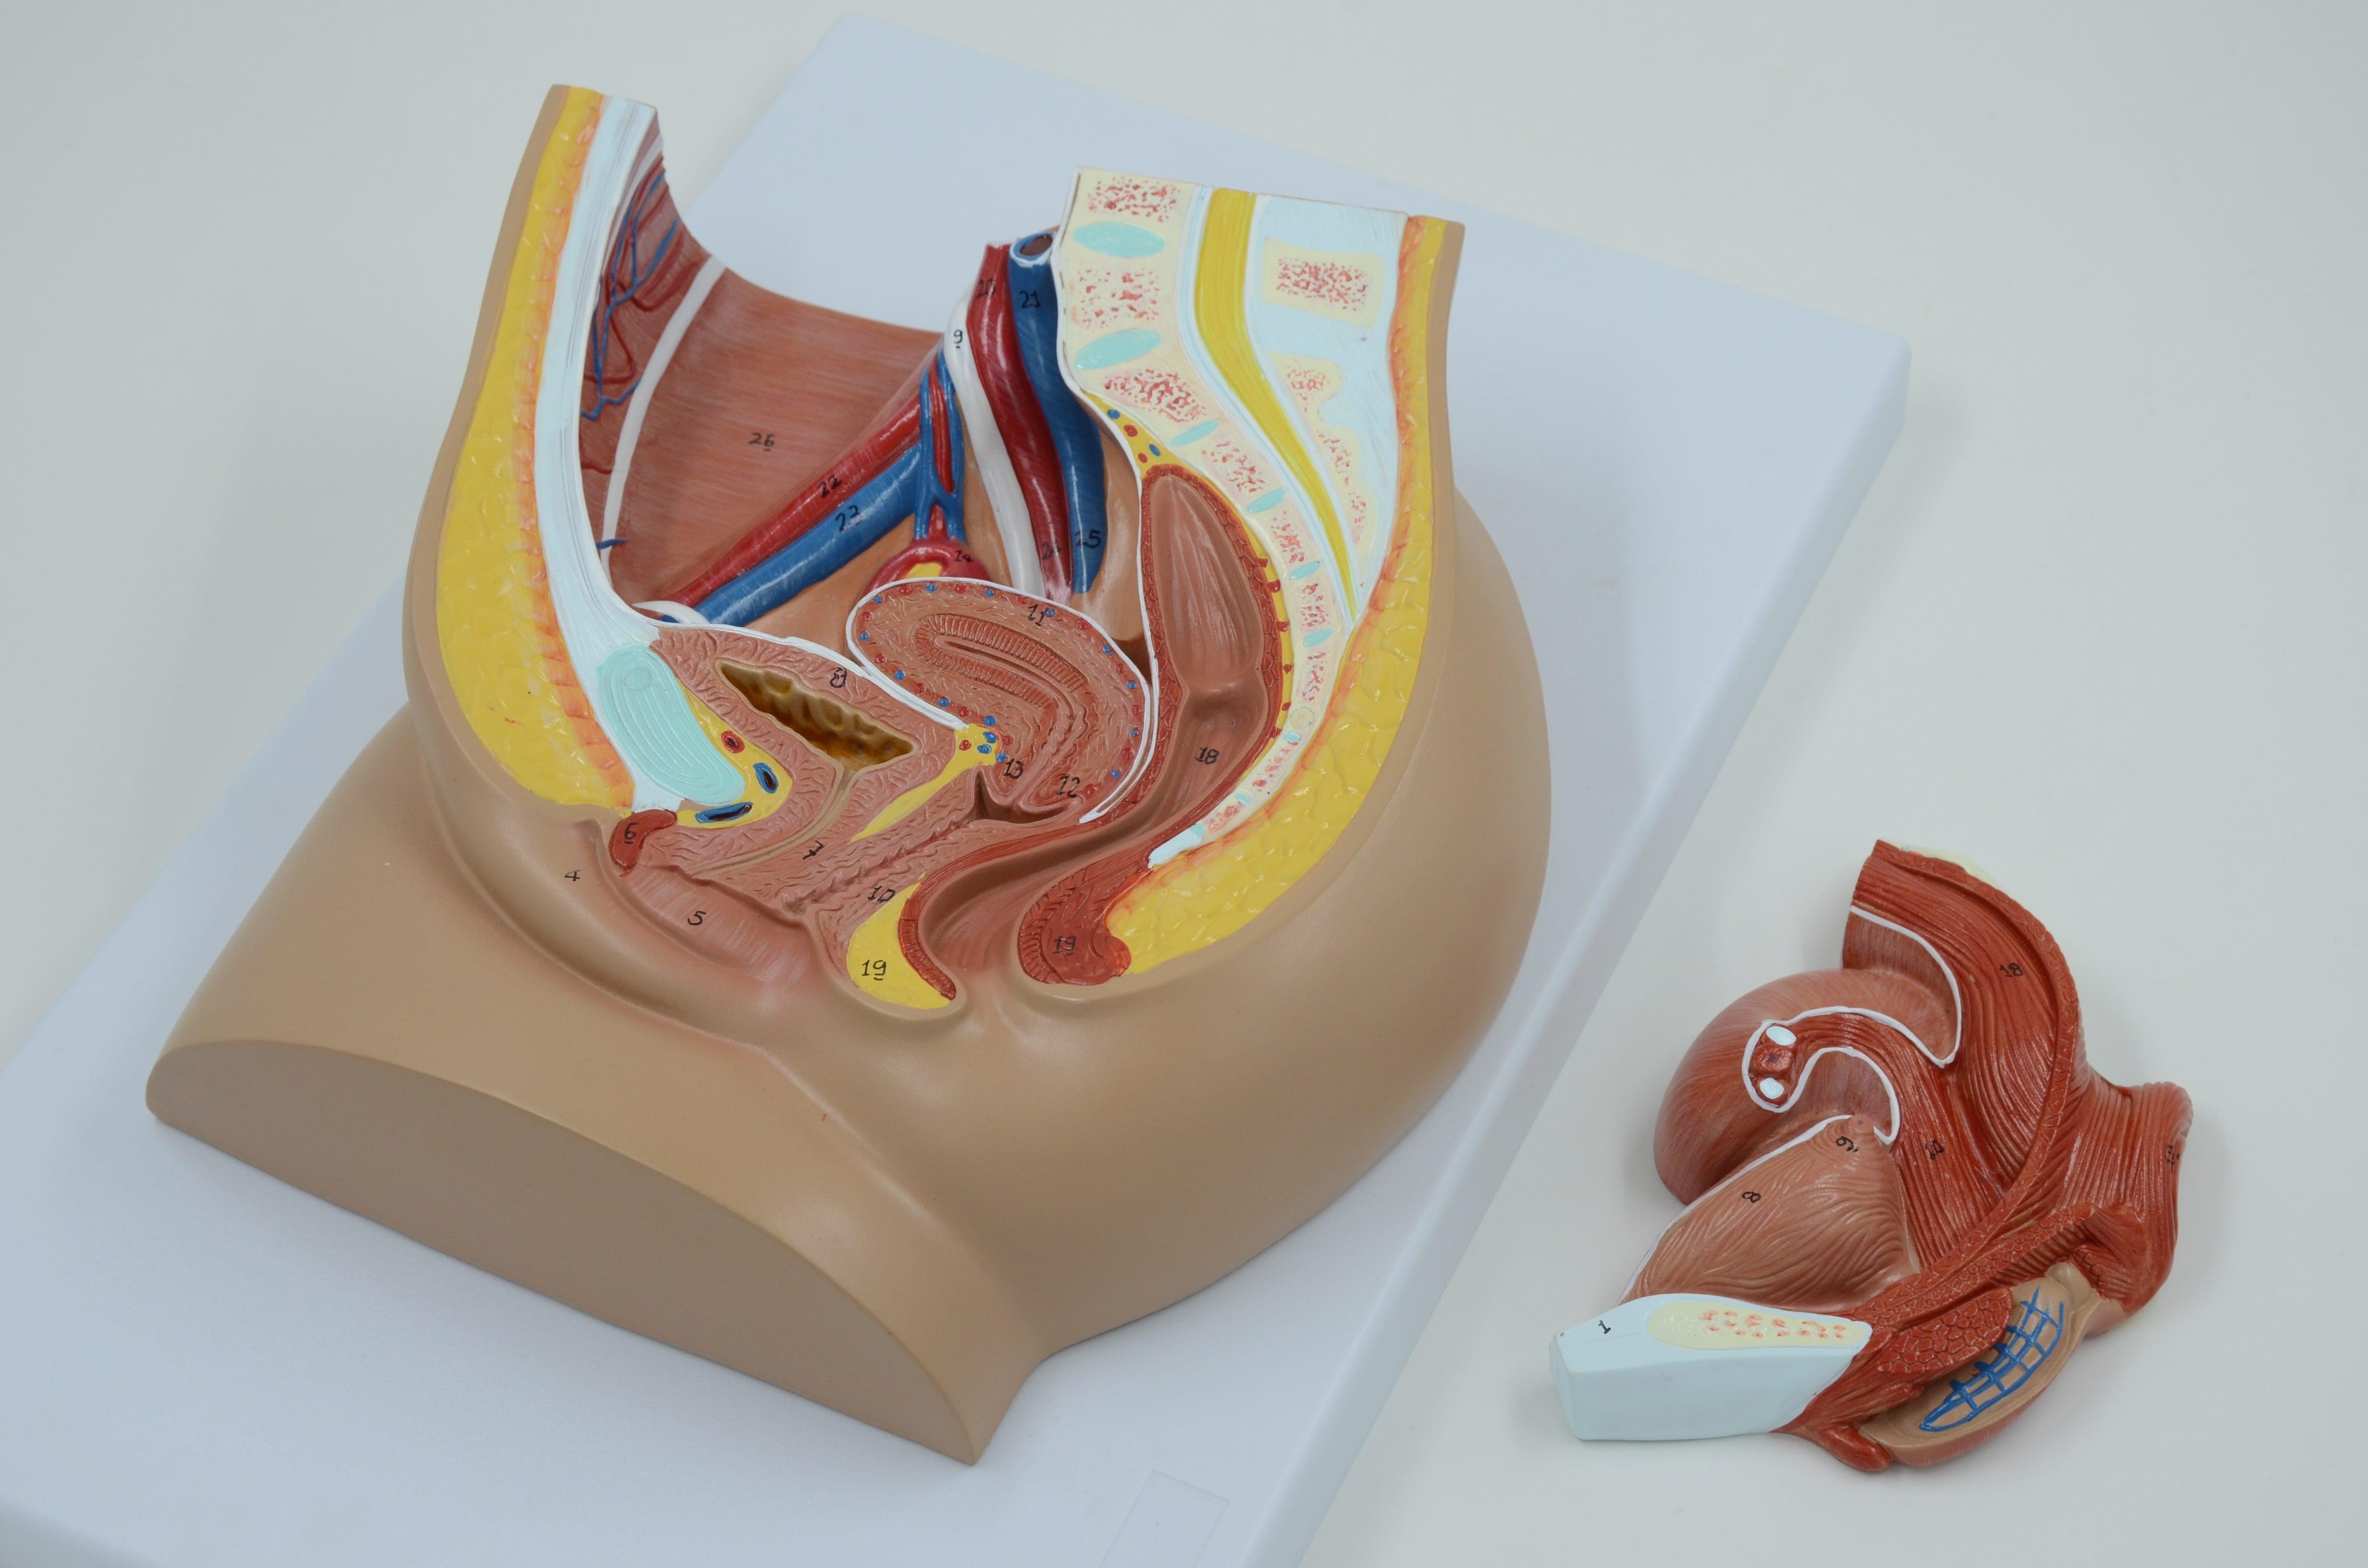 מודל אנטומי של אגן נשי - חתך מרכזי